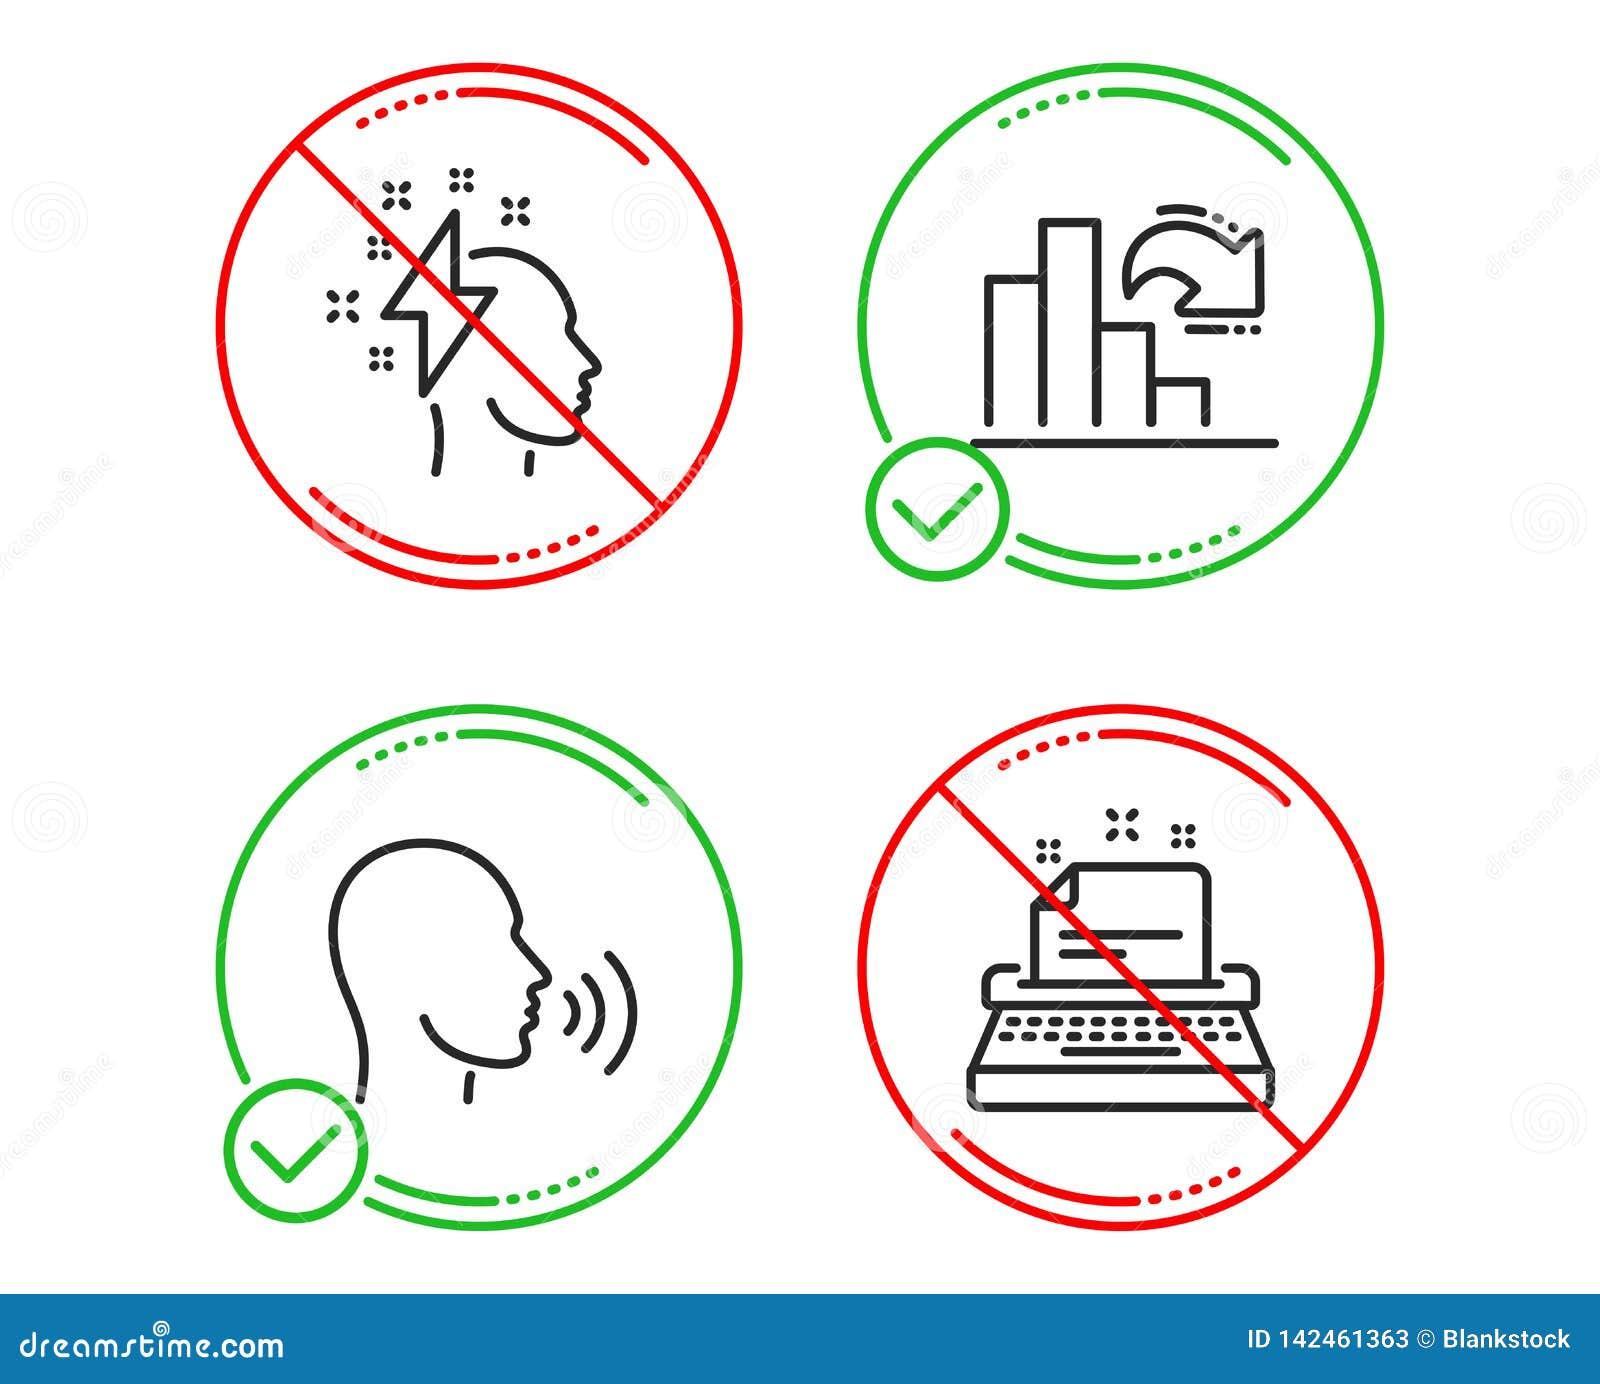 De brainstorming, het Verminderen de grafiek en de Mens zingen geplaatste pictogrammen Schrijfmachineteken Bliksembout, Kolomdiag